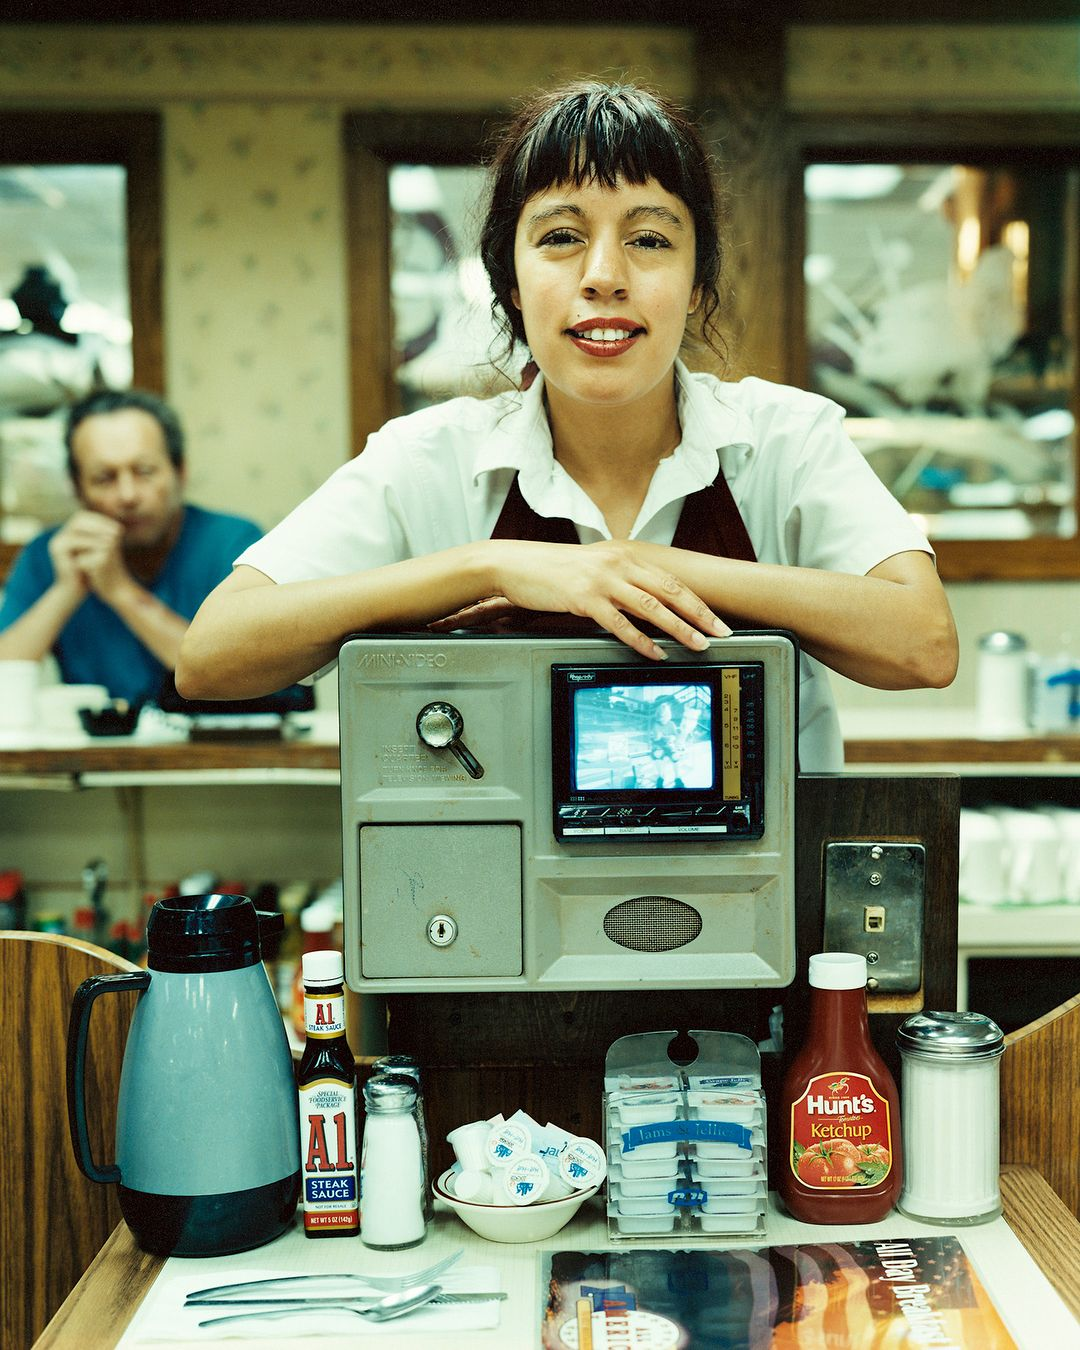 Waitress Jobs Near Me Hiring Now 2020 Cheap meals